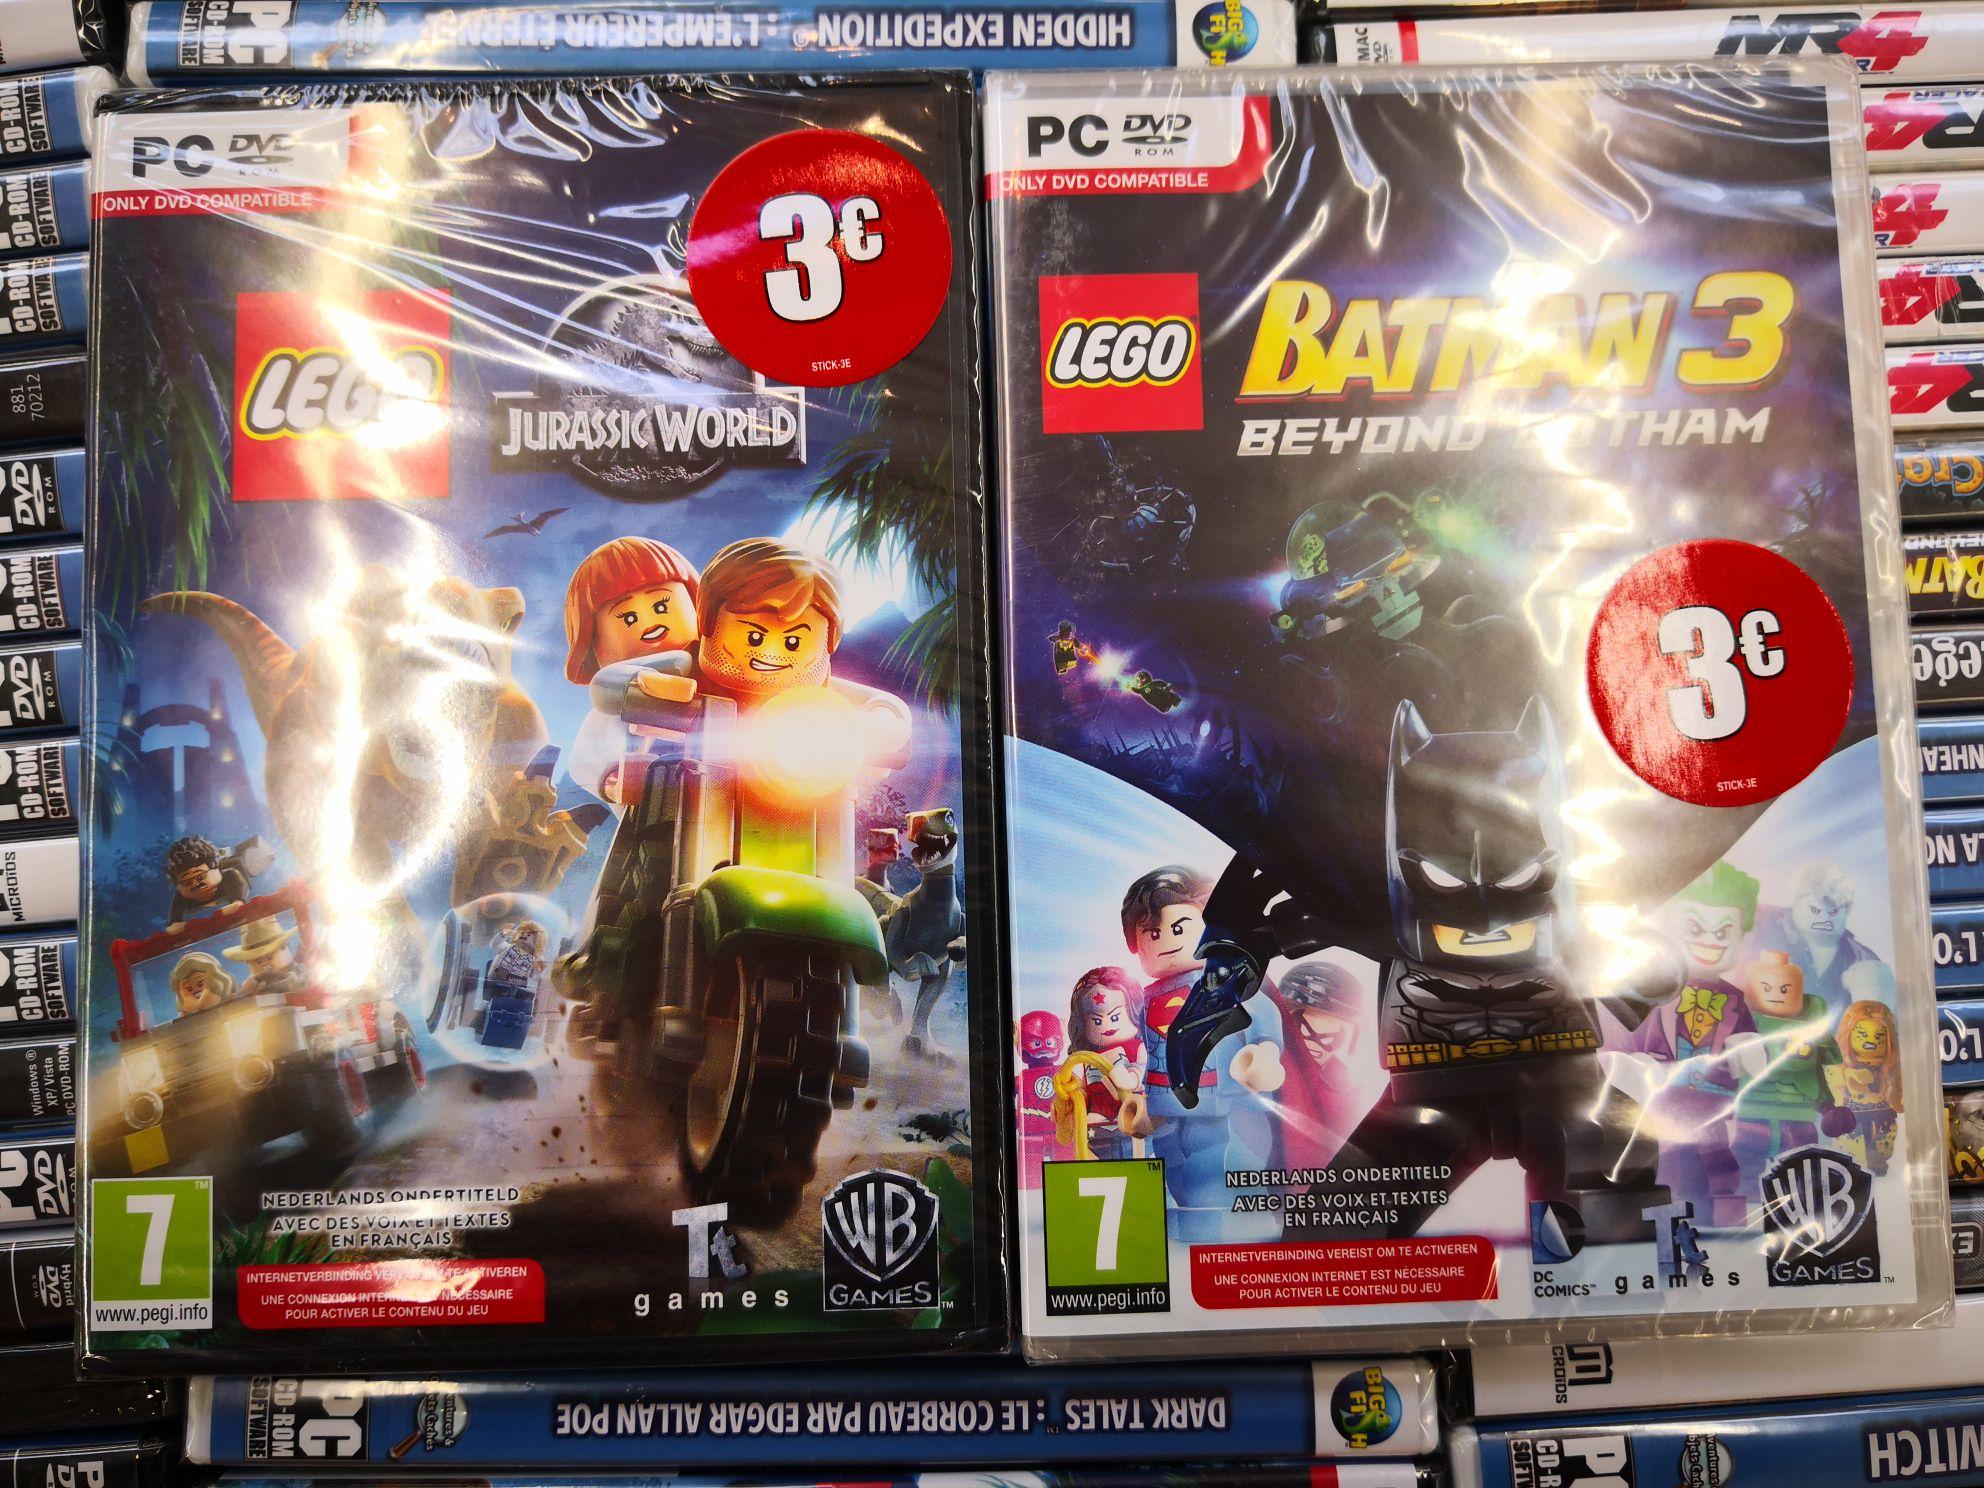 Lego Jurassic World ou Lego Batman 3 sur PC - Meylan (38)